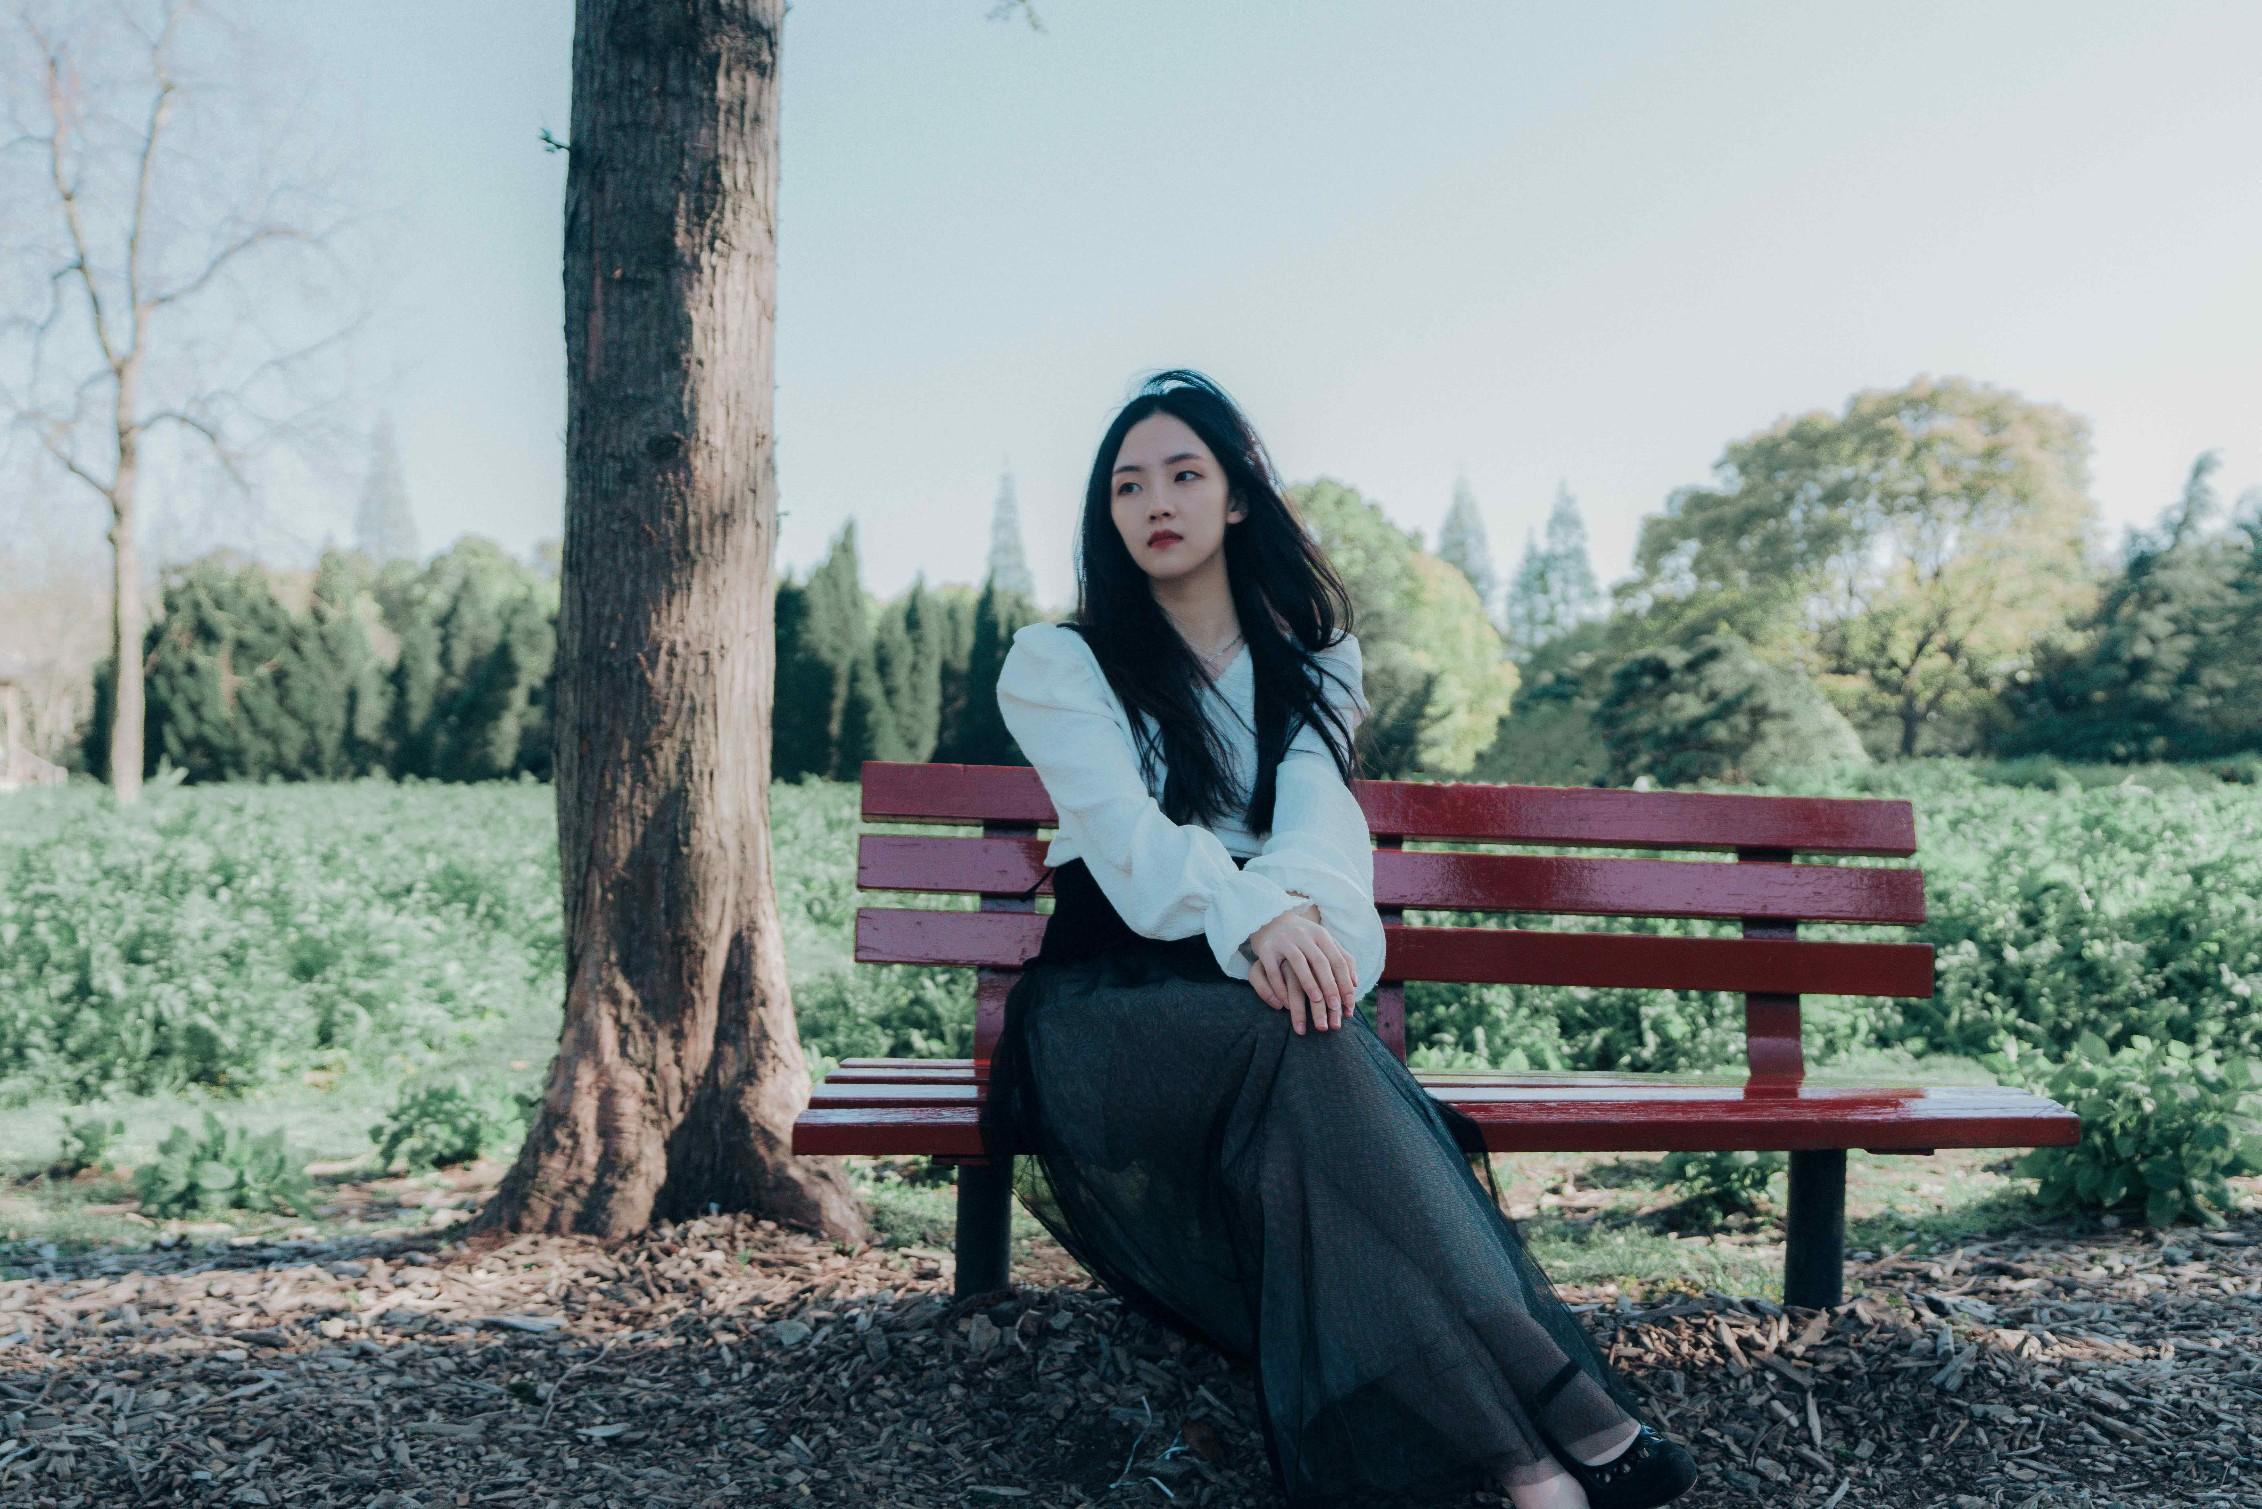 """「纯净女声」郭沁新作唱响""""蜕变""""三部曲   全新单曲《她的年轮》破茧上线 空灵嗓音见证少女成长"""